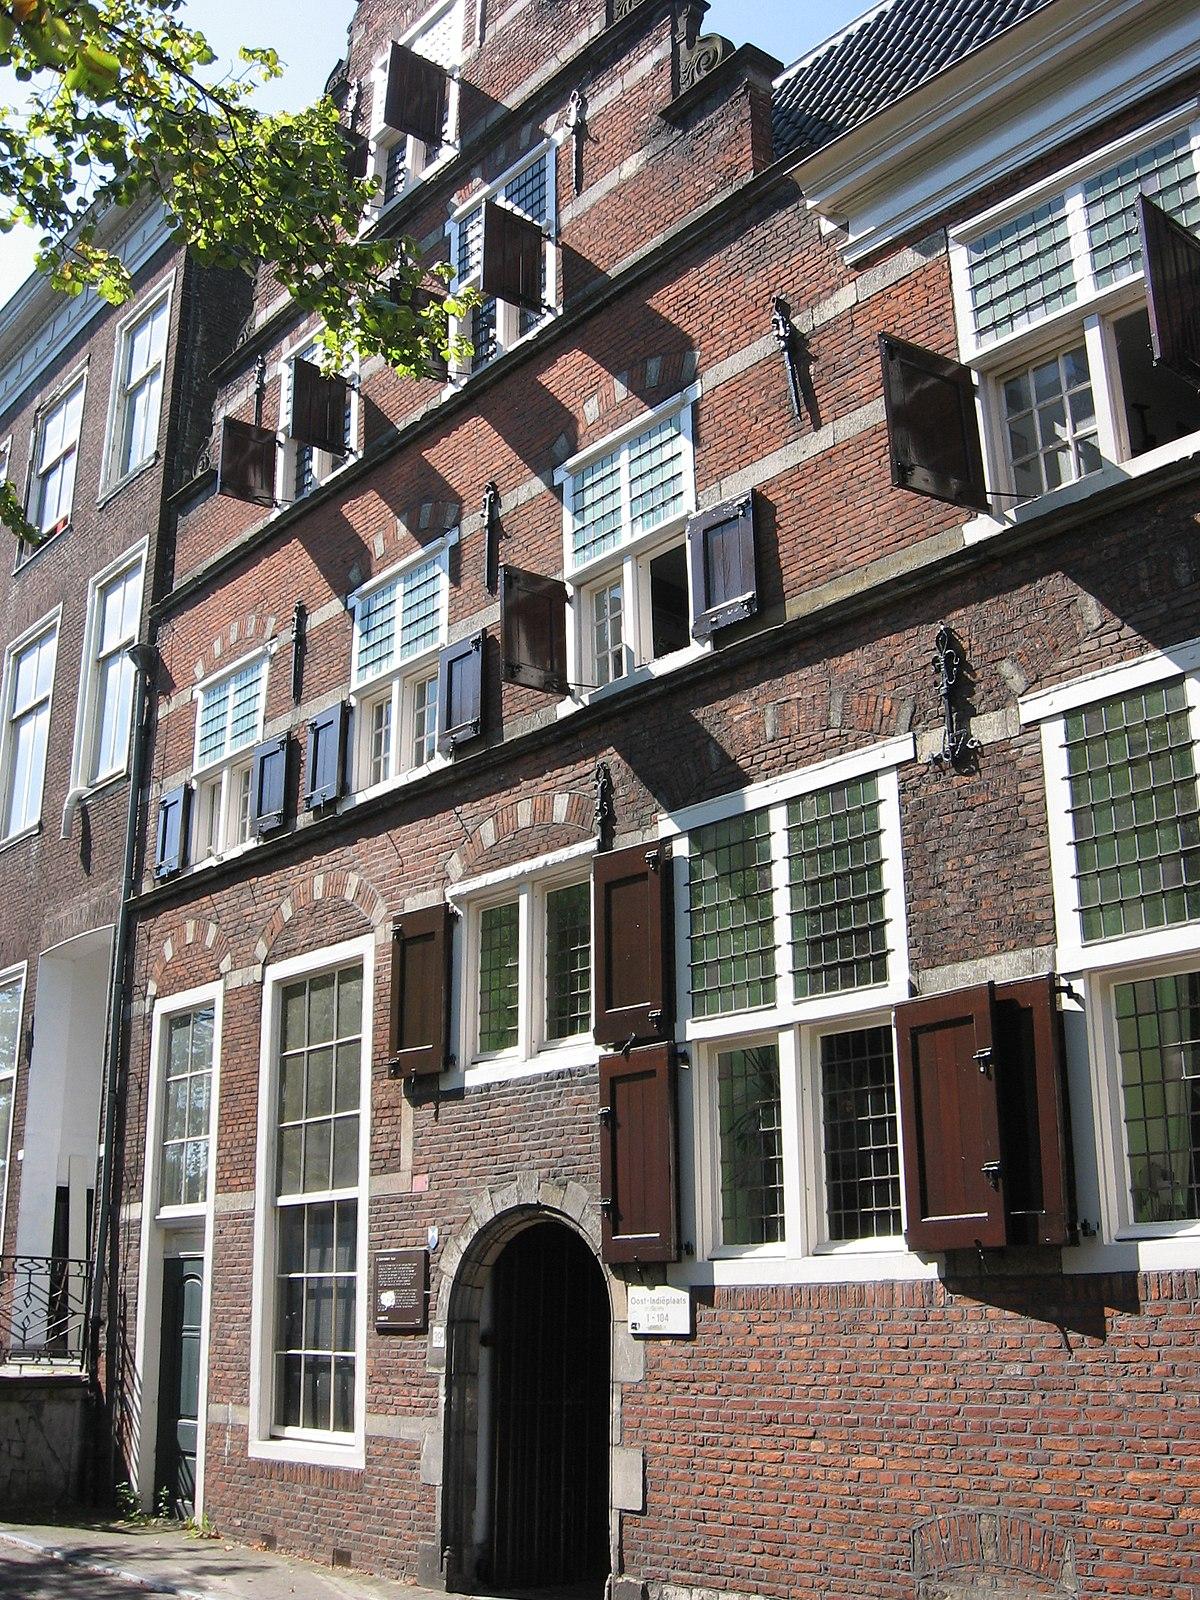 Voc kamer delft wikipedia for Lijst inrichting huis